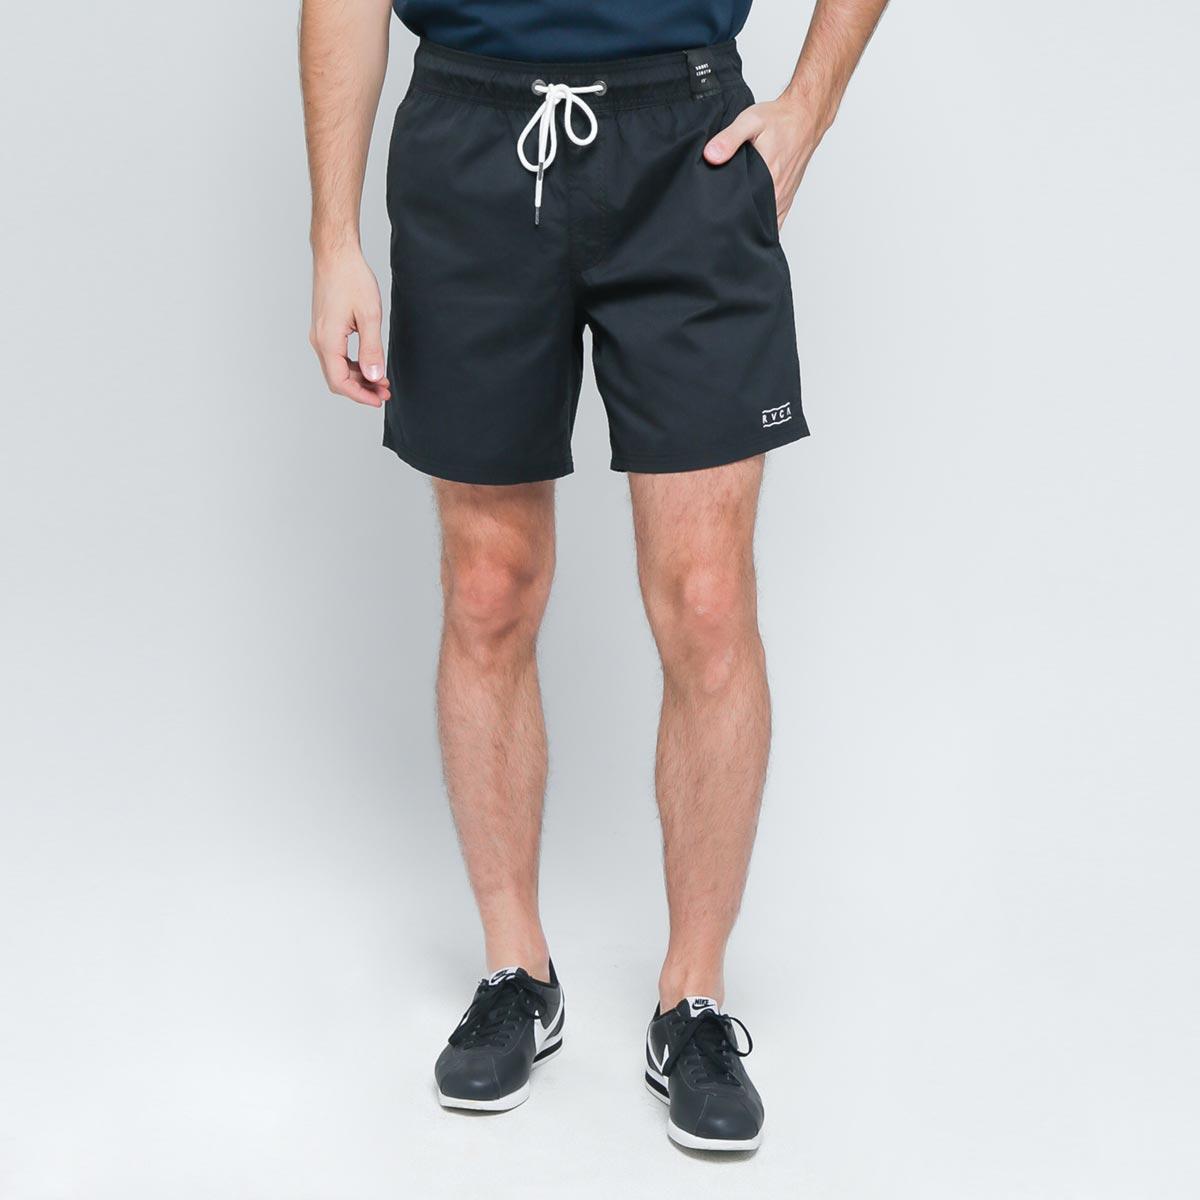 RVCA Gerrard Elastic Short Pants Black